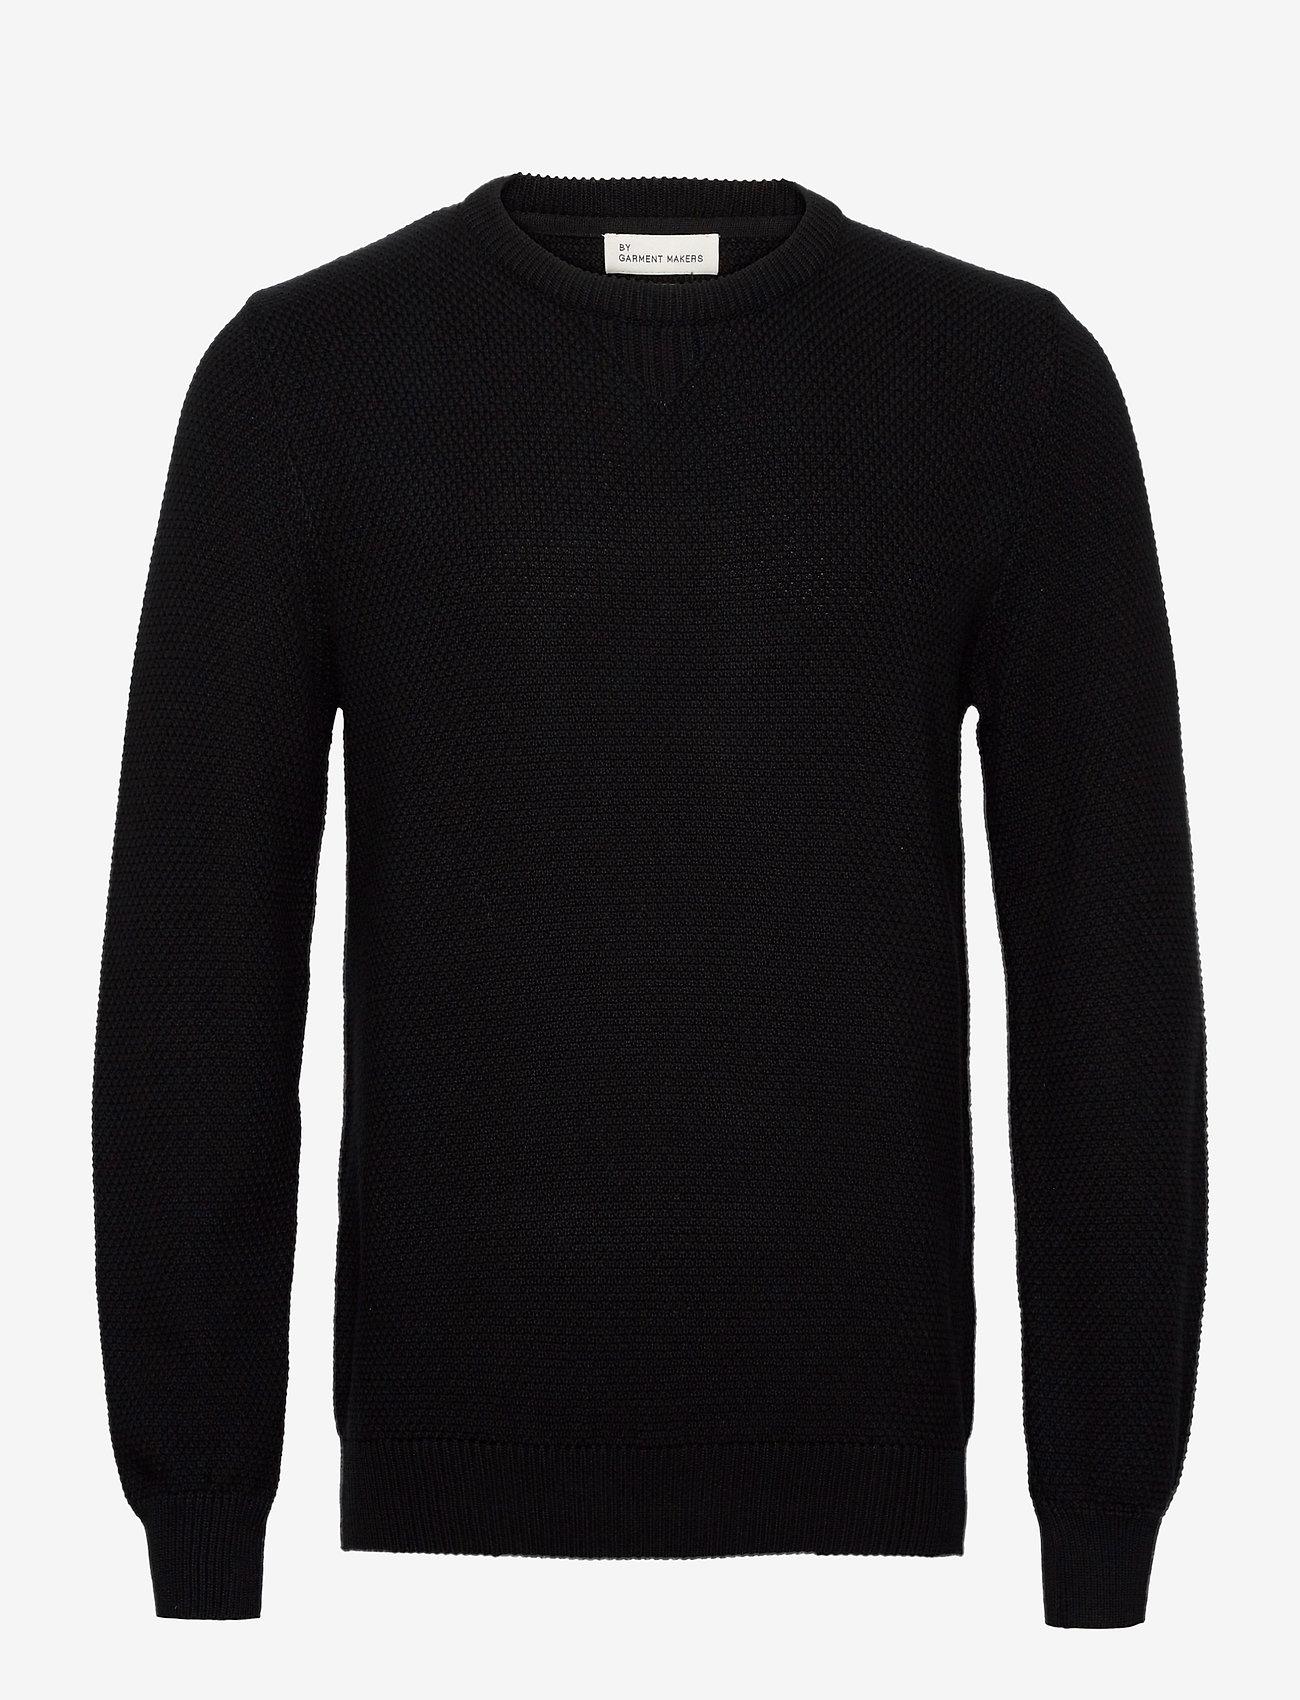 By Garment Makers The Organic Waffle Knit - Strikkevarer JET BLACK - Menn Klær